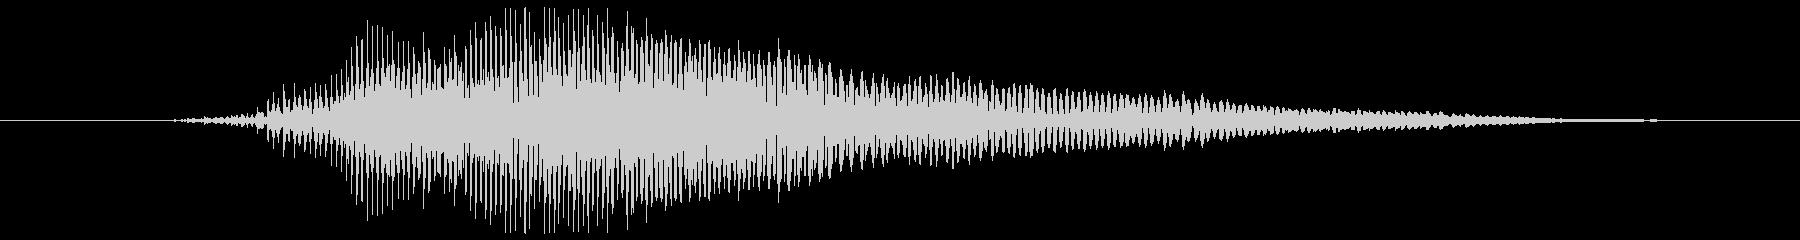 鳴き声 男性の痛みを伴う叫び10の未再生の波形